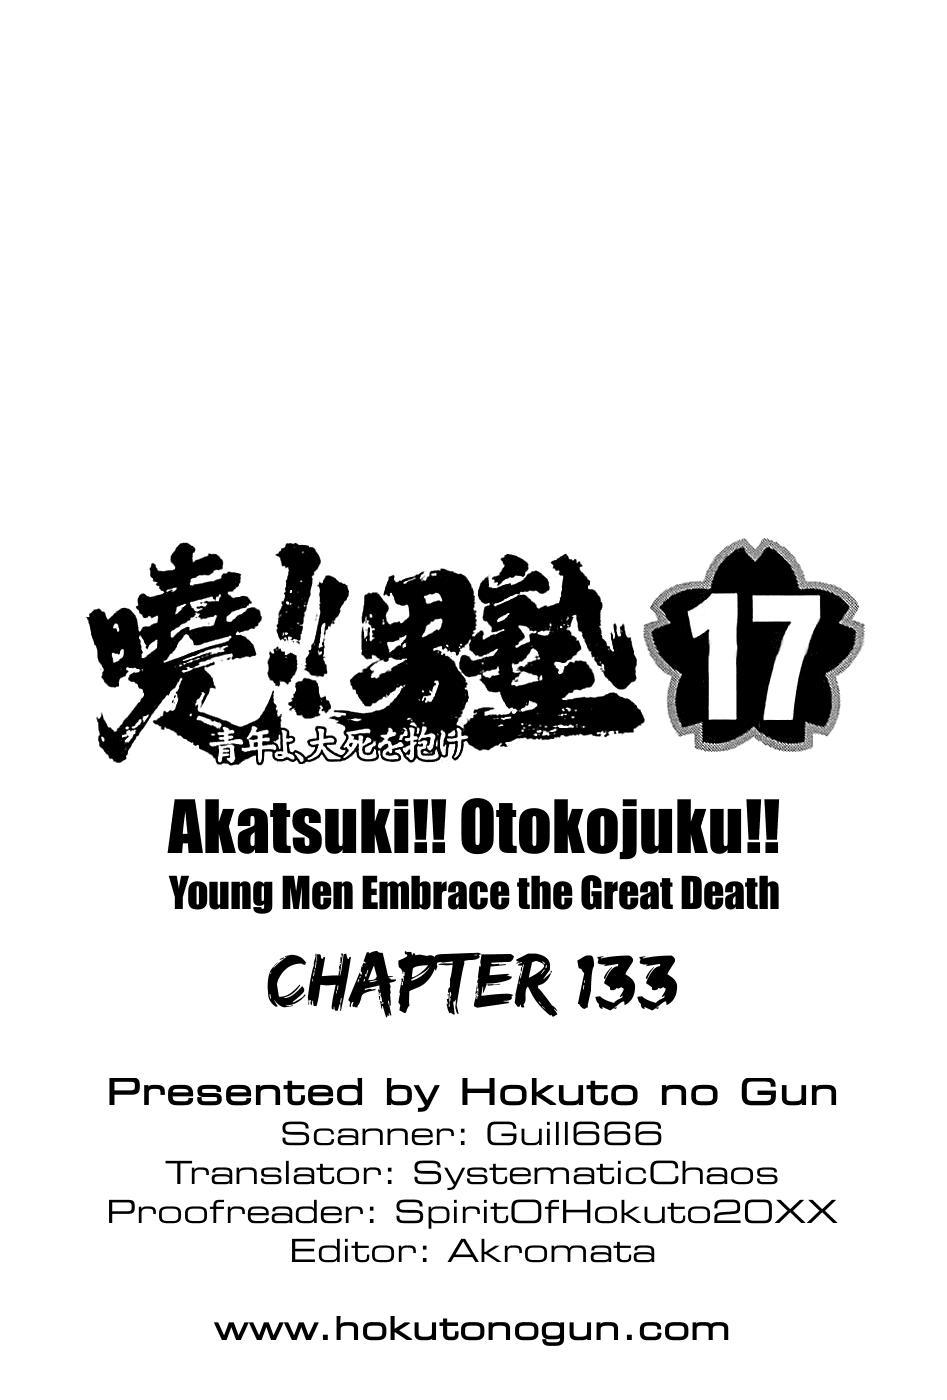 Akatsuki!! Otokojuku - Chapter 131